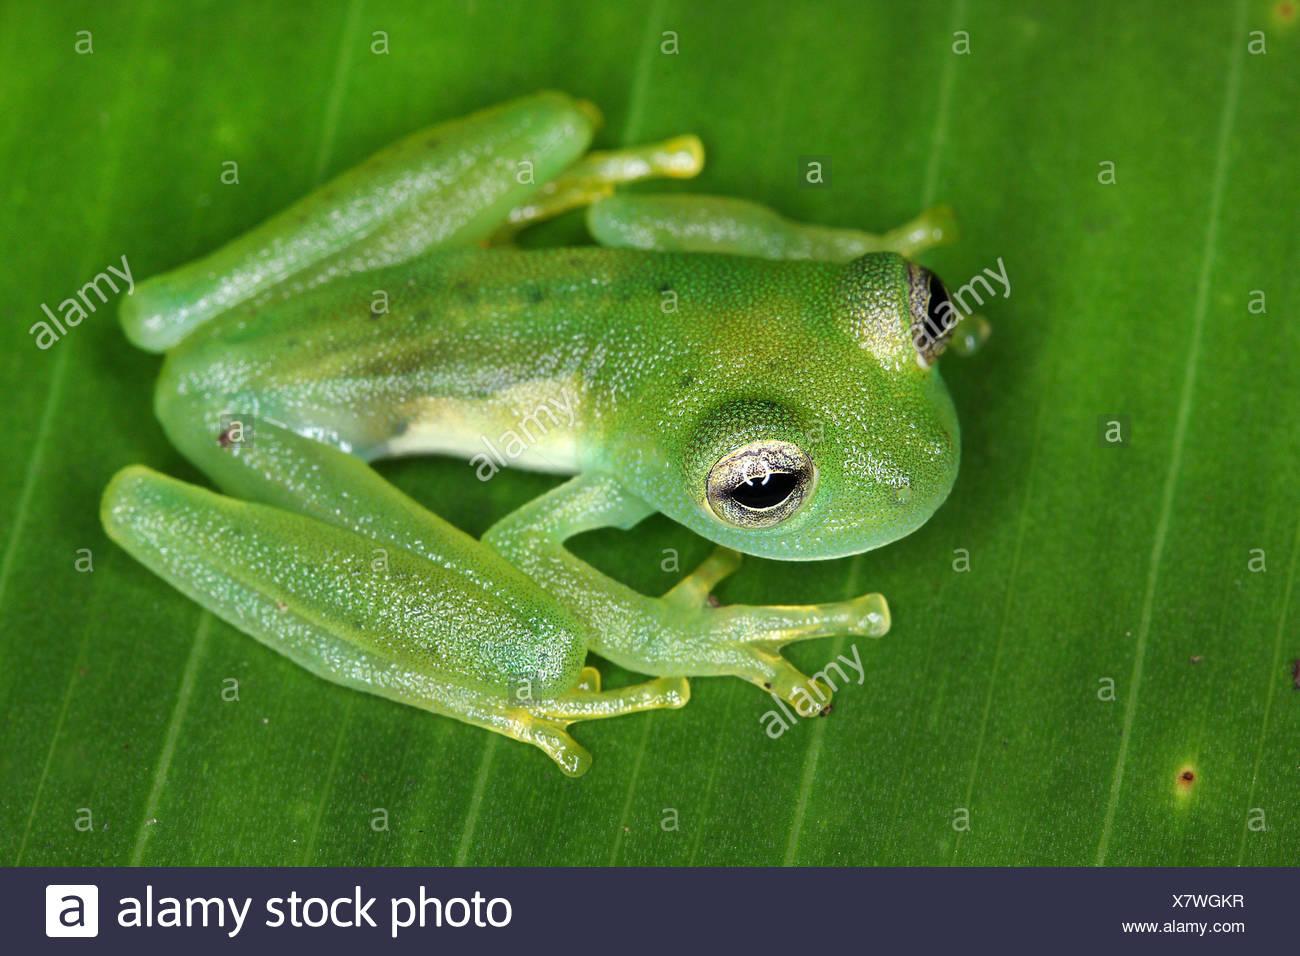 Glasfrosch, Glas-Frosch, Espadarana prosoplepon (Espadarana prosoplepon, Centrolena prosoplepon), sitzt auf einem Blatt, Aufsich - Stock Image